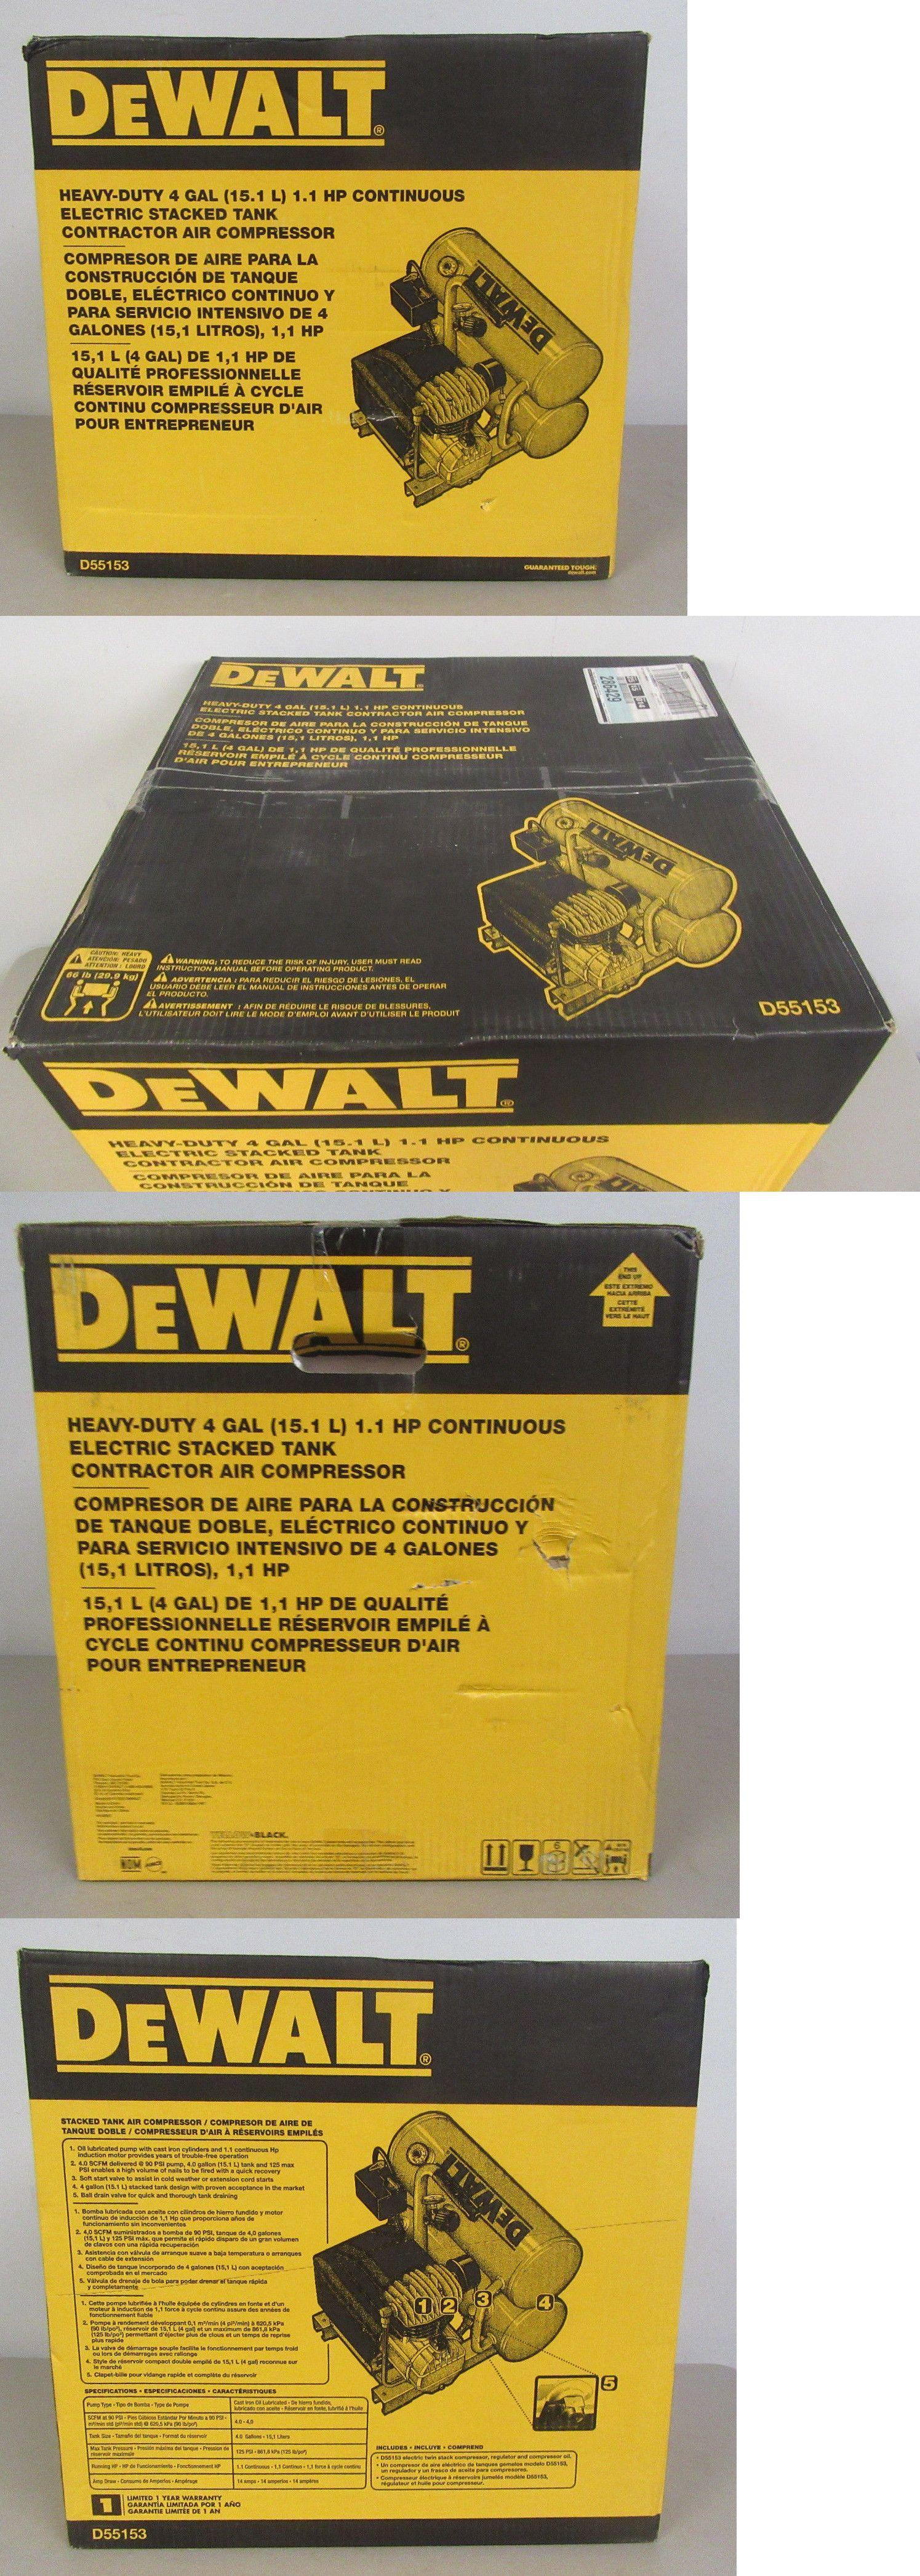 Air Compressors 30506 Dewalt D55153 4 Gal. Portable